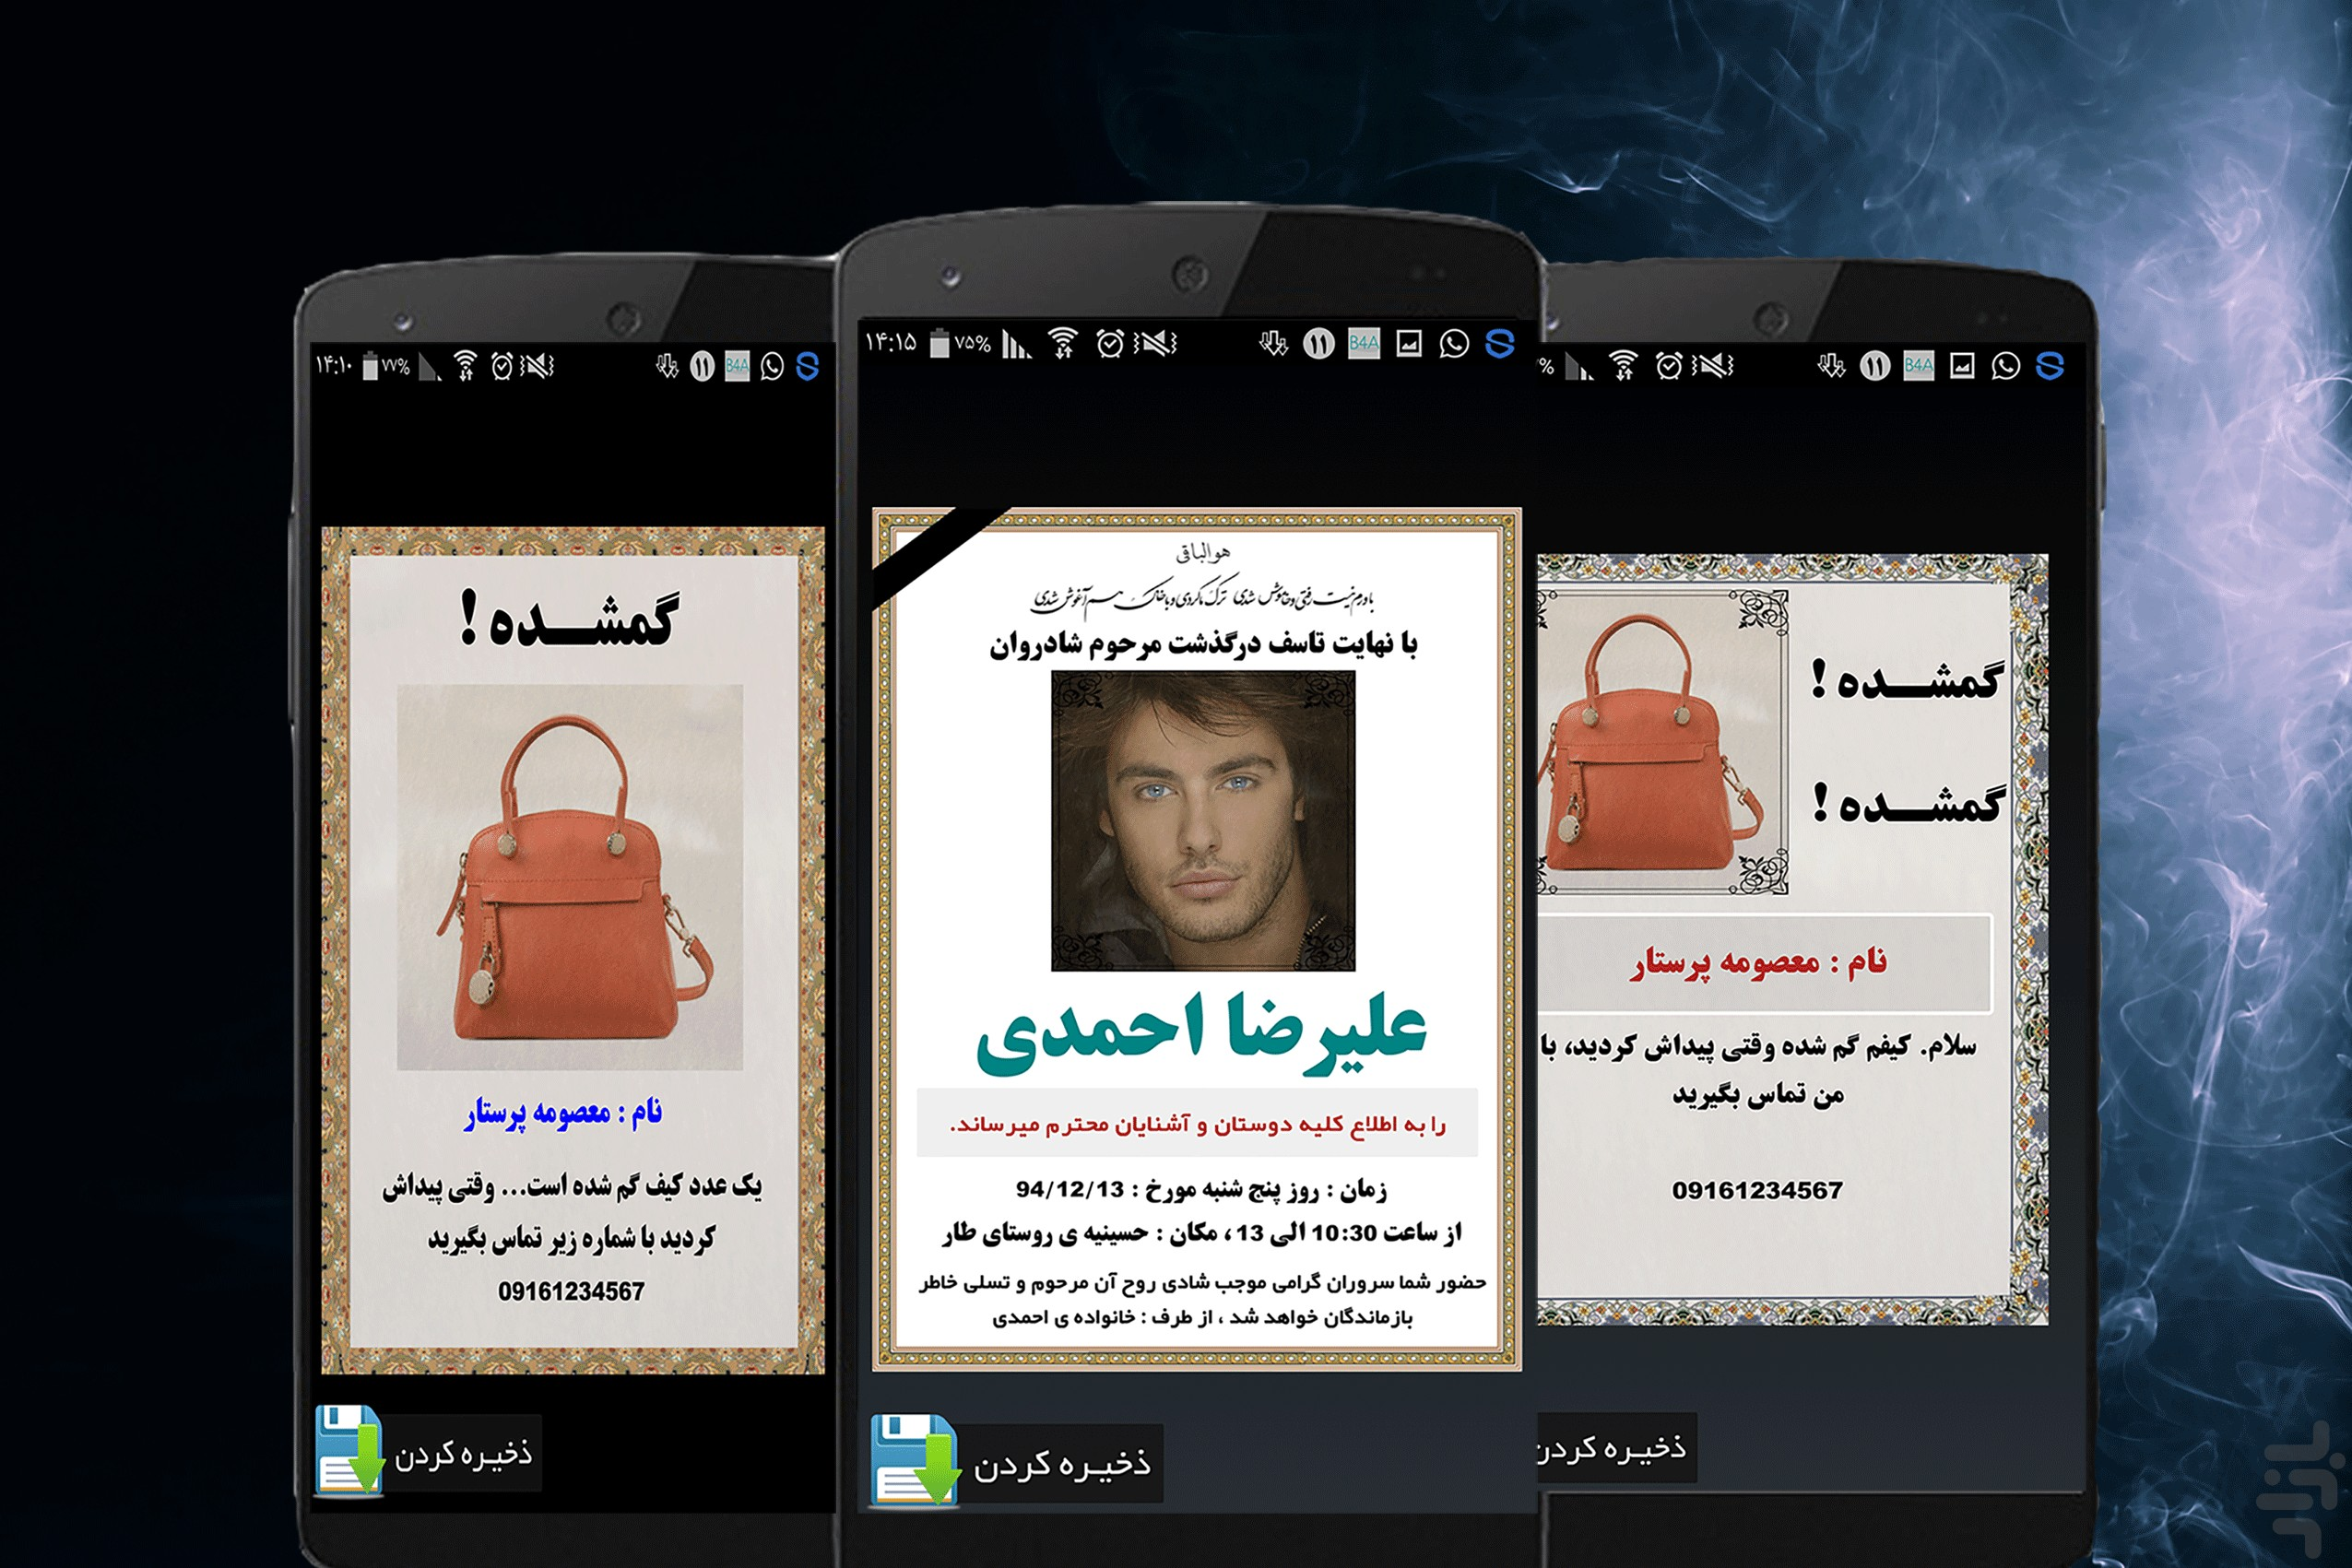 آگهی ترحیم + گمشده - دانلود | نصب برنامه اندروید | کافه بازارآگهی ترحیم + گمشده screenshot